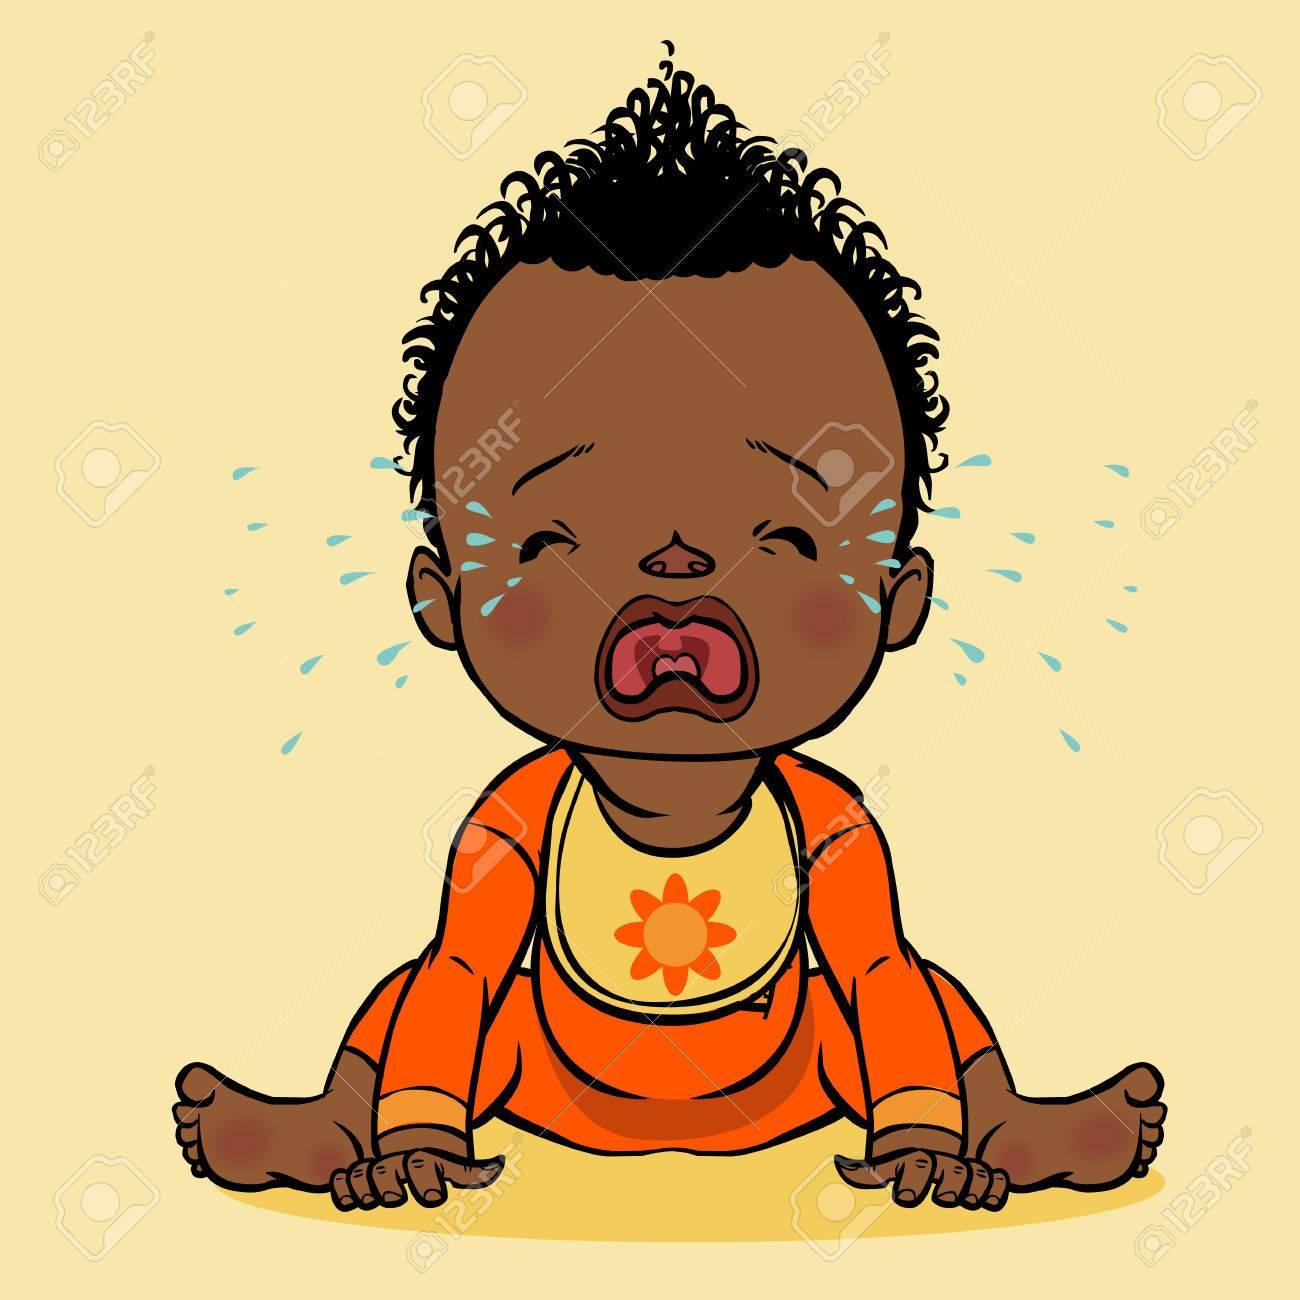 Coloriage Bebe Qui Pleure.Colore De Dessin Anime Vecteur Pleurer Bebe Noir Isole Fond